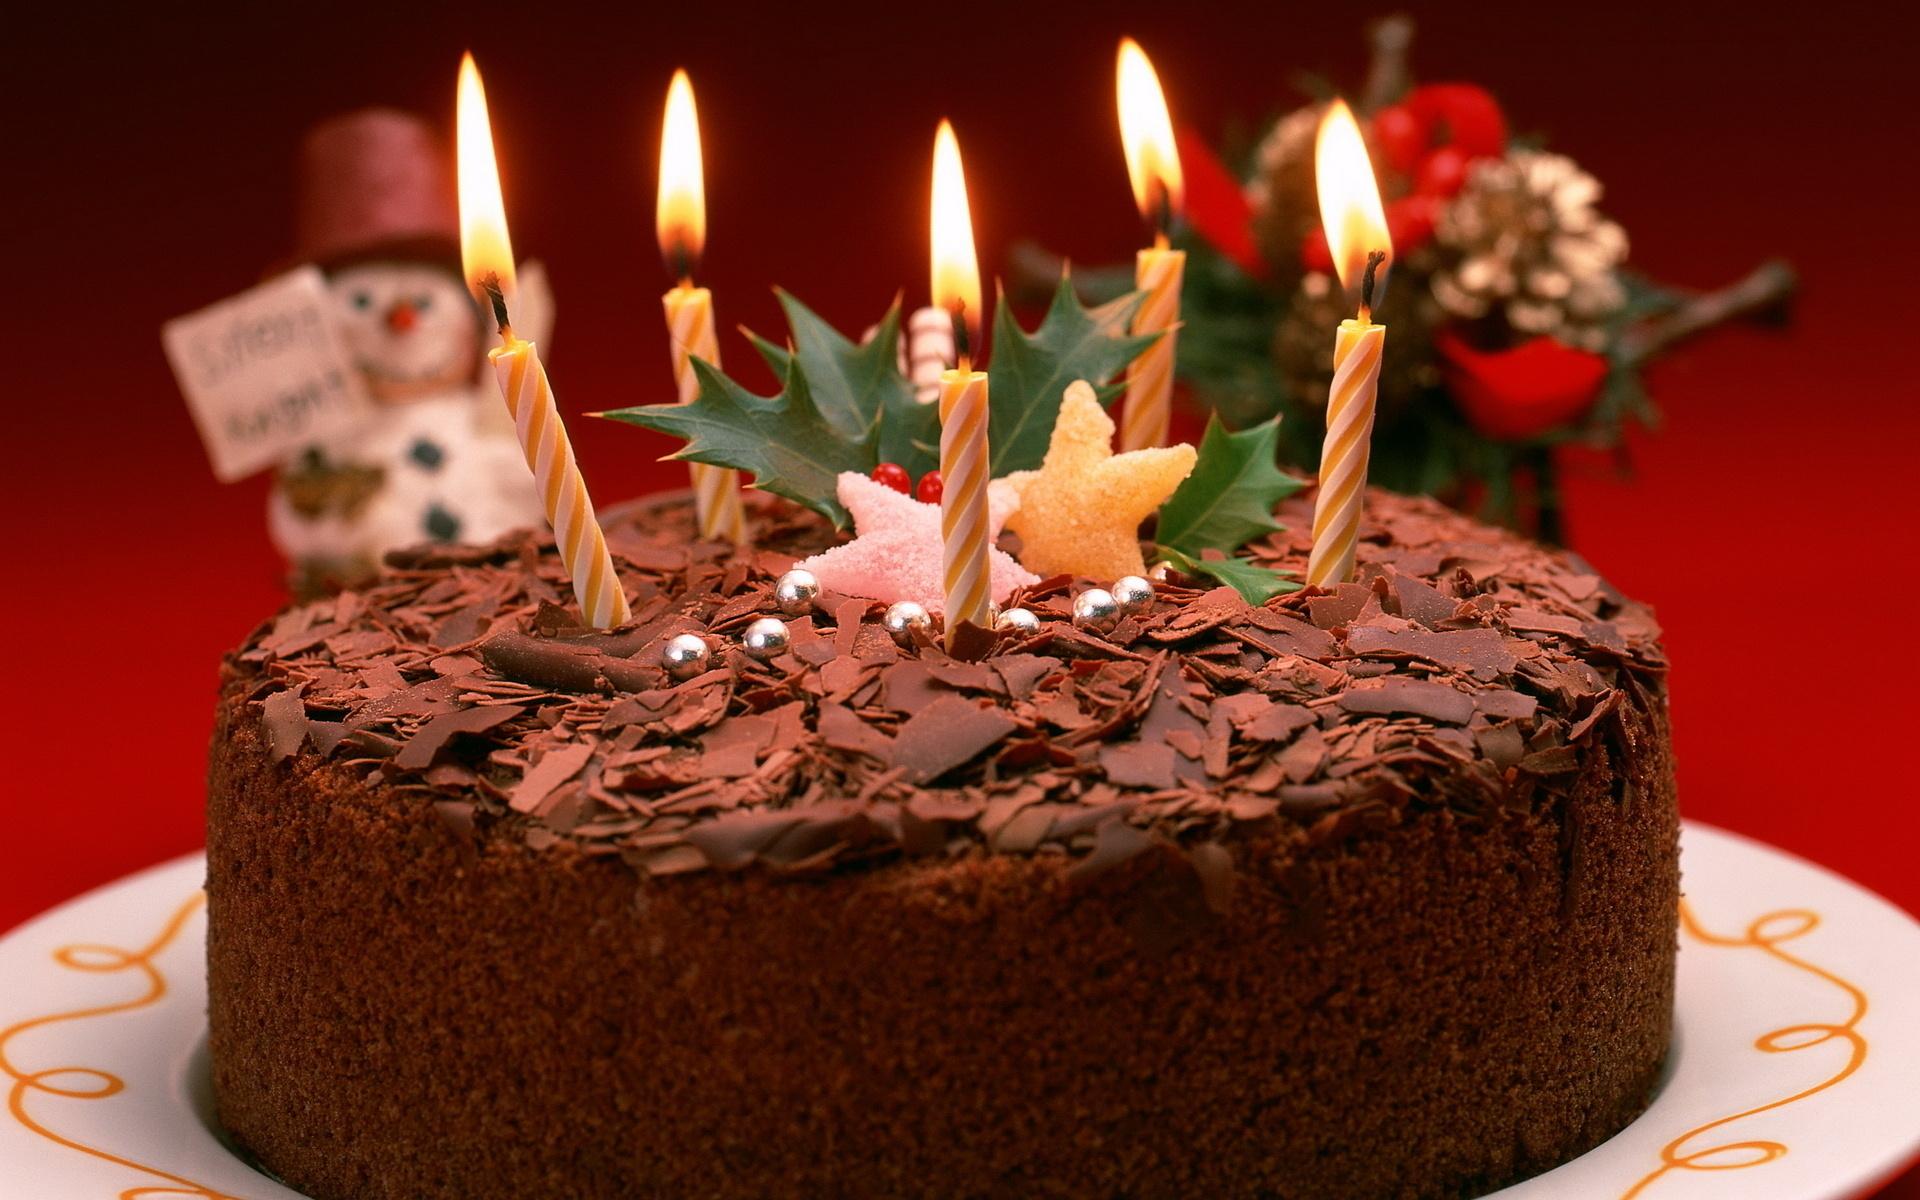 торт на день рожденье картинки христианство следование всем